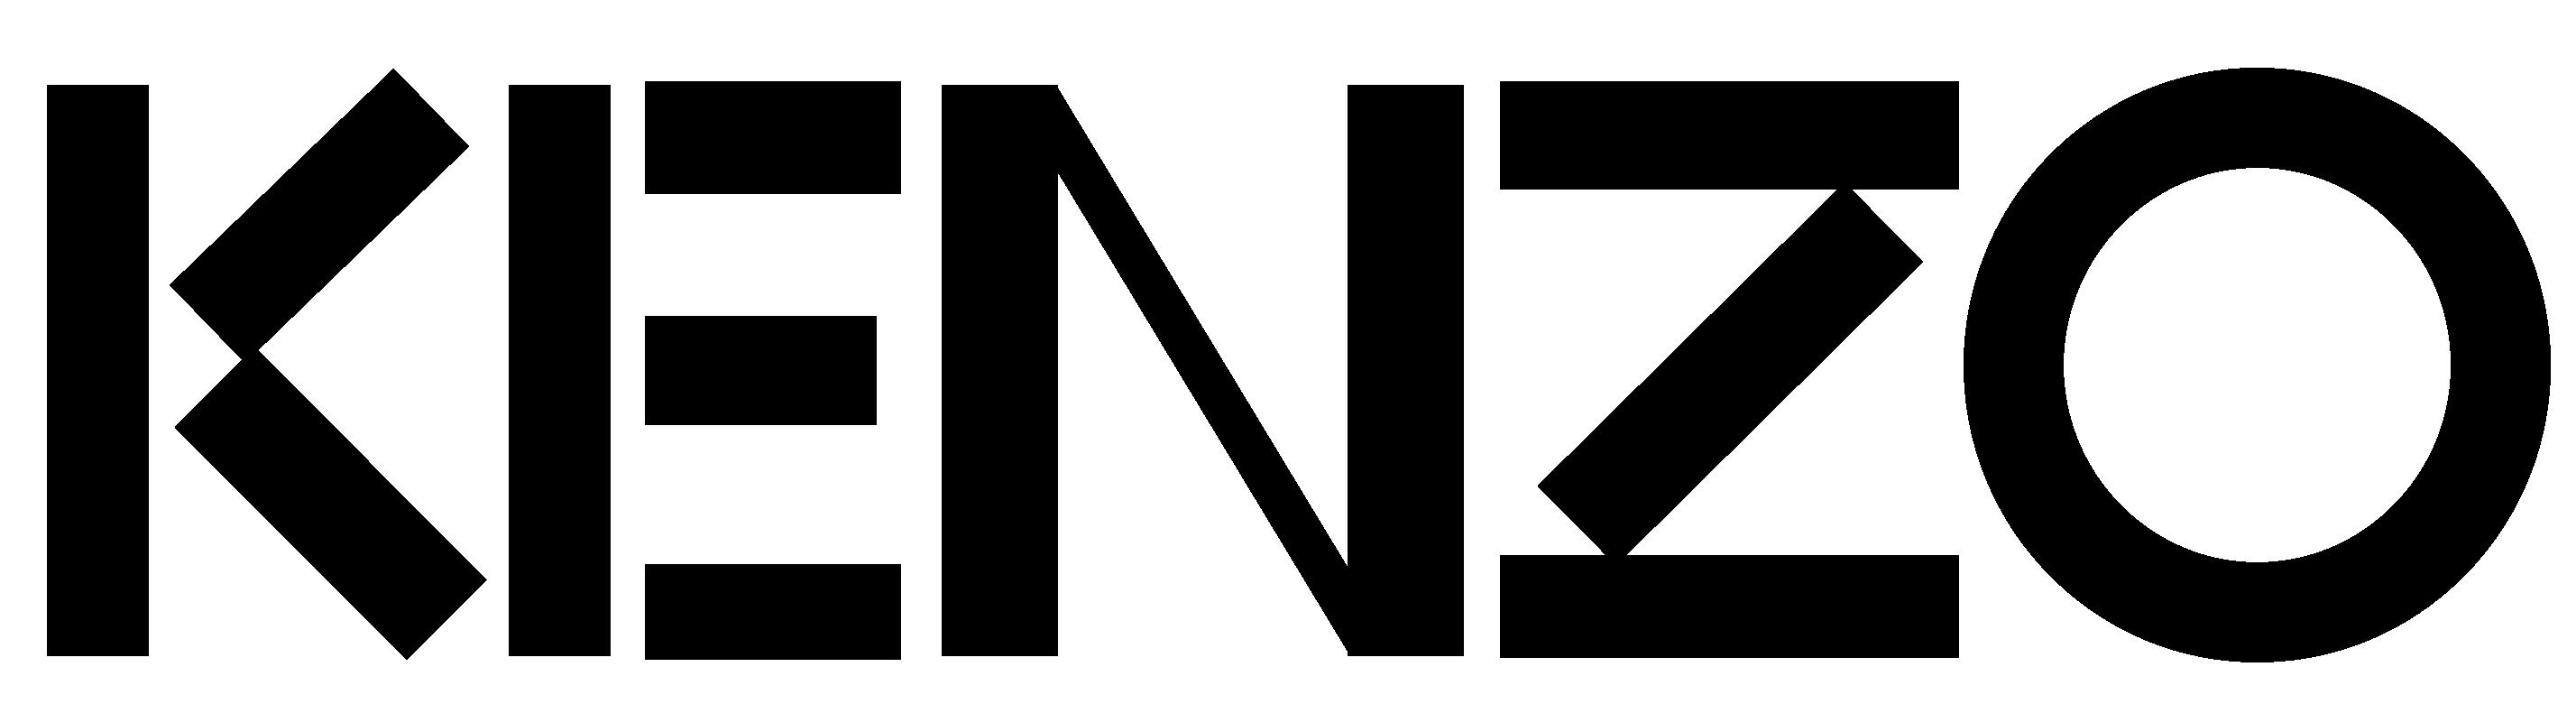 KENZO, Flower By Kenzo, Flower By Kenzo Eau de Parfum, KENZO Flower By Kenzo Eau de Parfum, KENZO Flower By Kenzo Eau de Parfum รีวิว, KENZO Flower By Kenzo Eau de Parfum ราคา, KENZO Flower By Kenzo Eau de Parfum 4 ml., KENZO Flower By Kenzo Eau de Parfum 4 ml. น้ำหอมที่ละมุนไปด้วยกลิ่นแห่งฤดูใบไม้ผลิ เบาสบาย กลิ่นแนว Floral-Powdery สดชื่นเหมือนอากาศยามเช้า